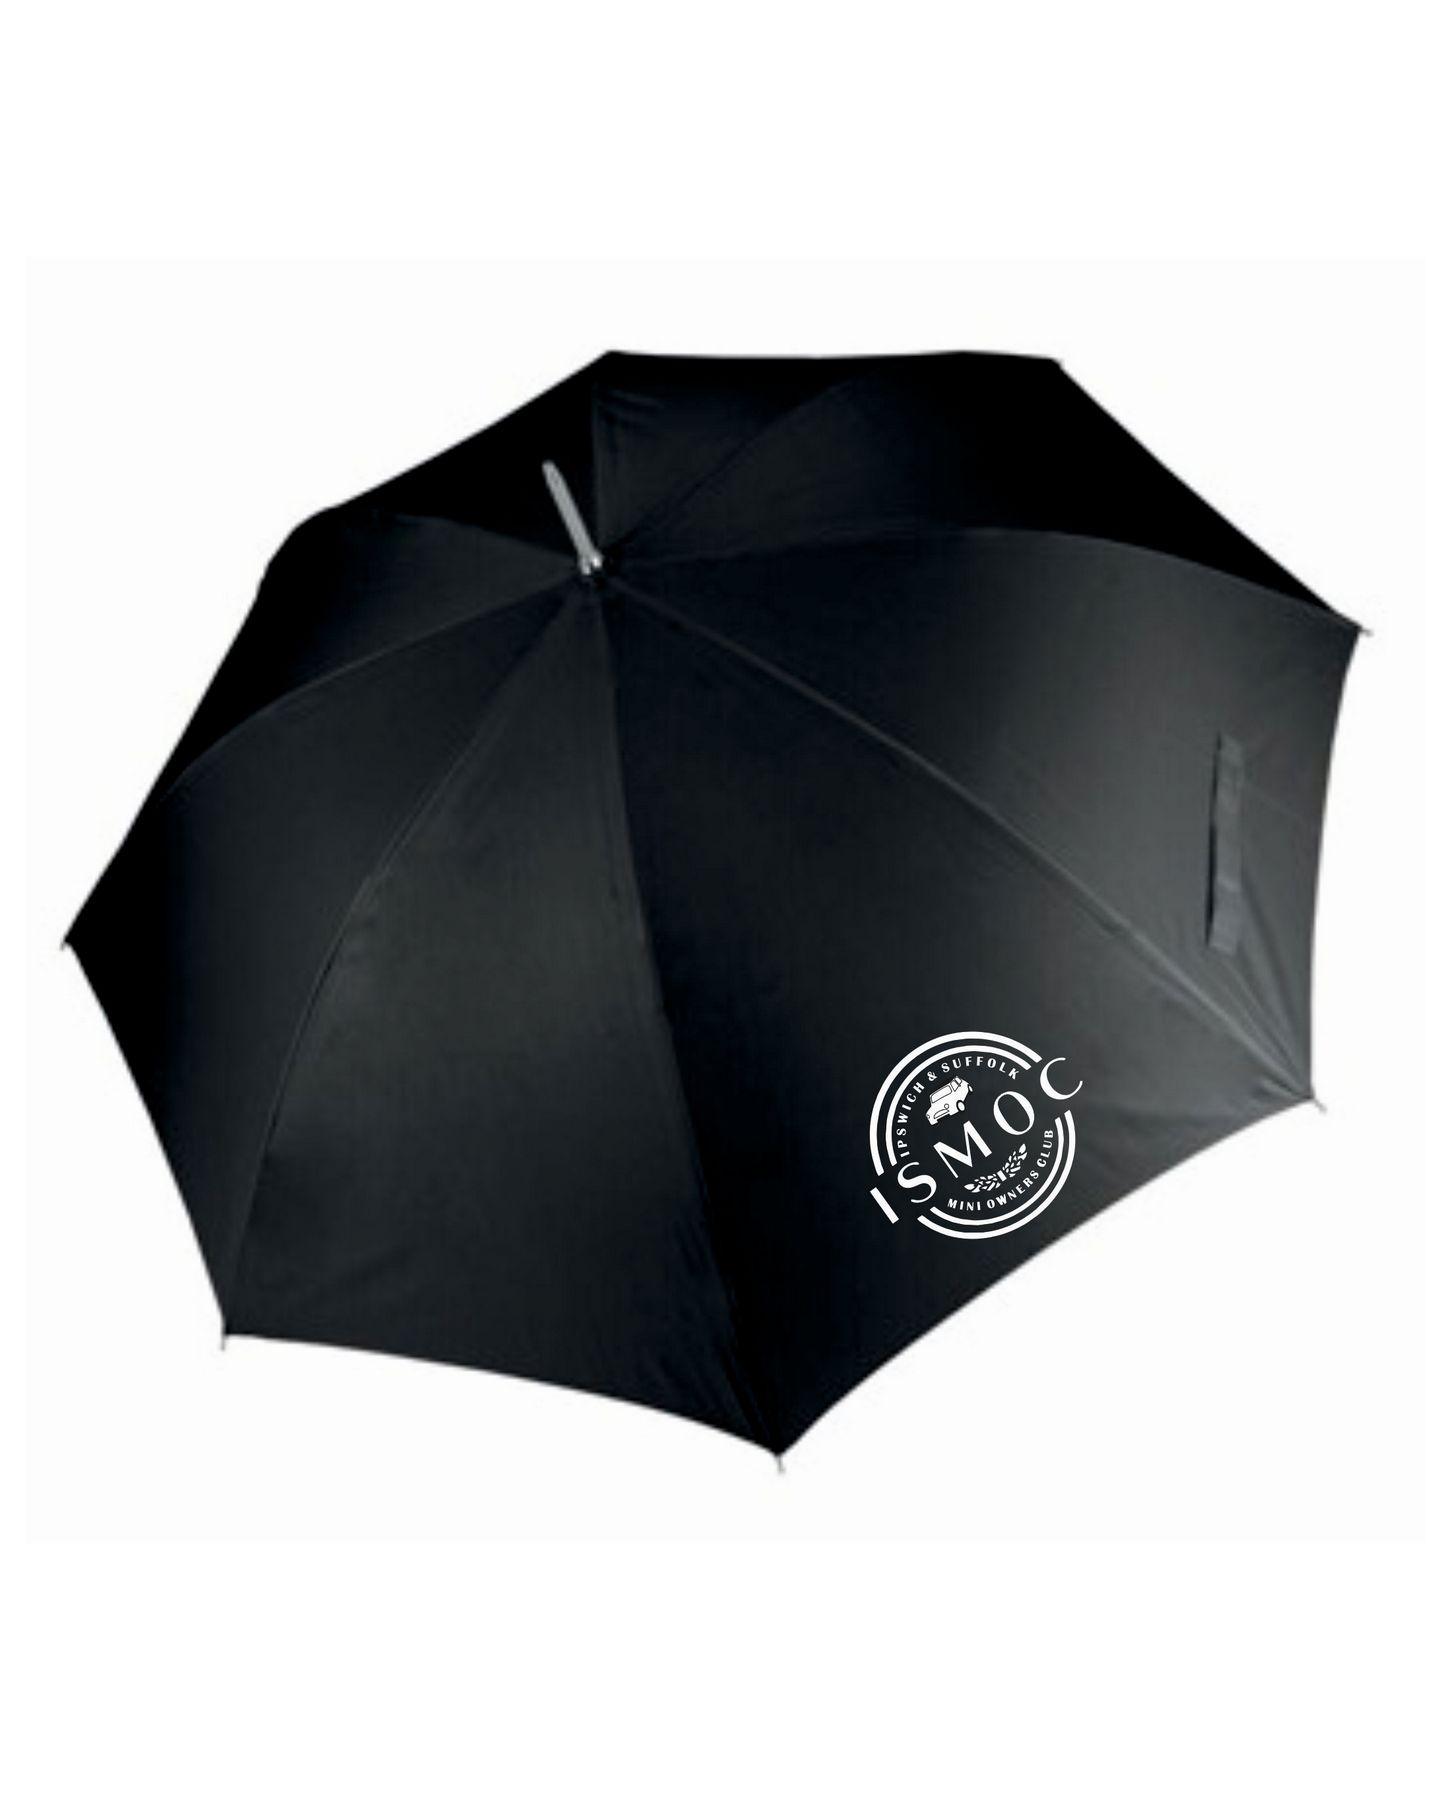 ISMOC – Umbrella